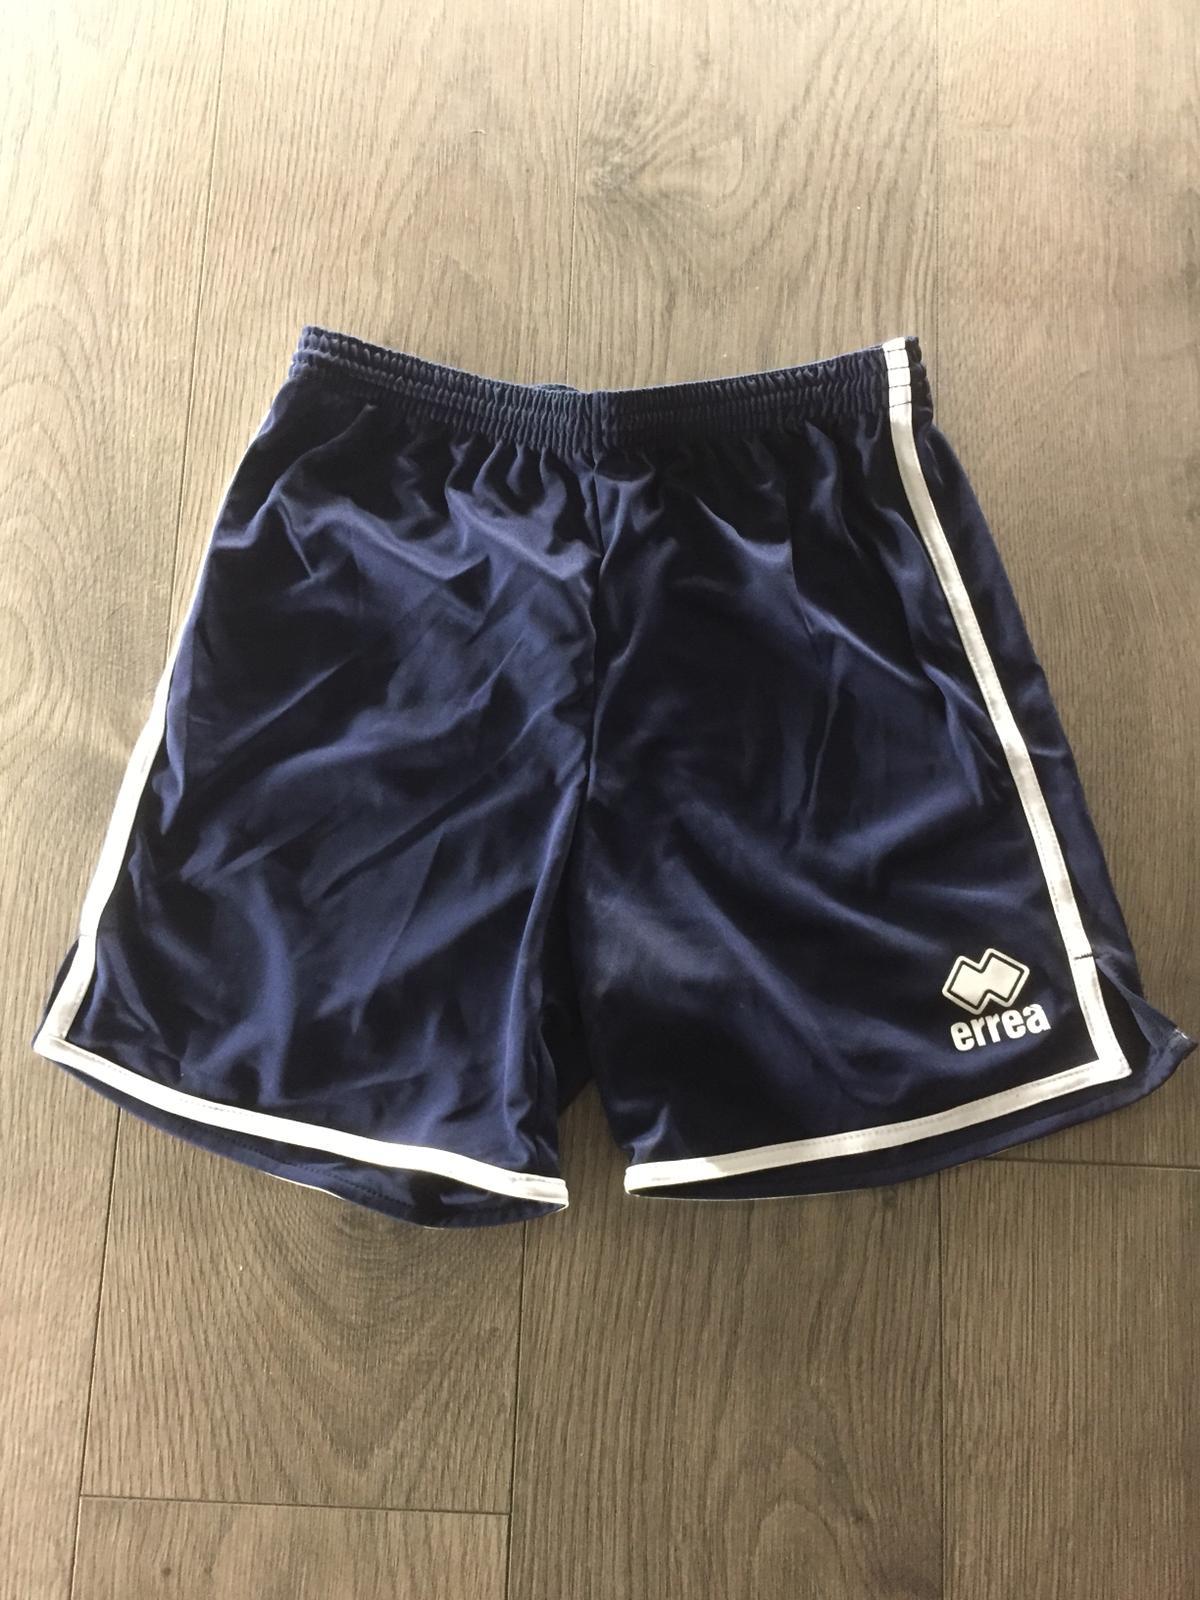 Navy Errea badminton shorts boys XS